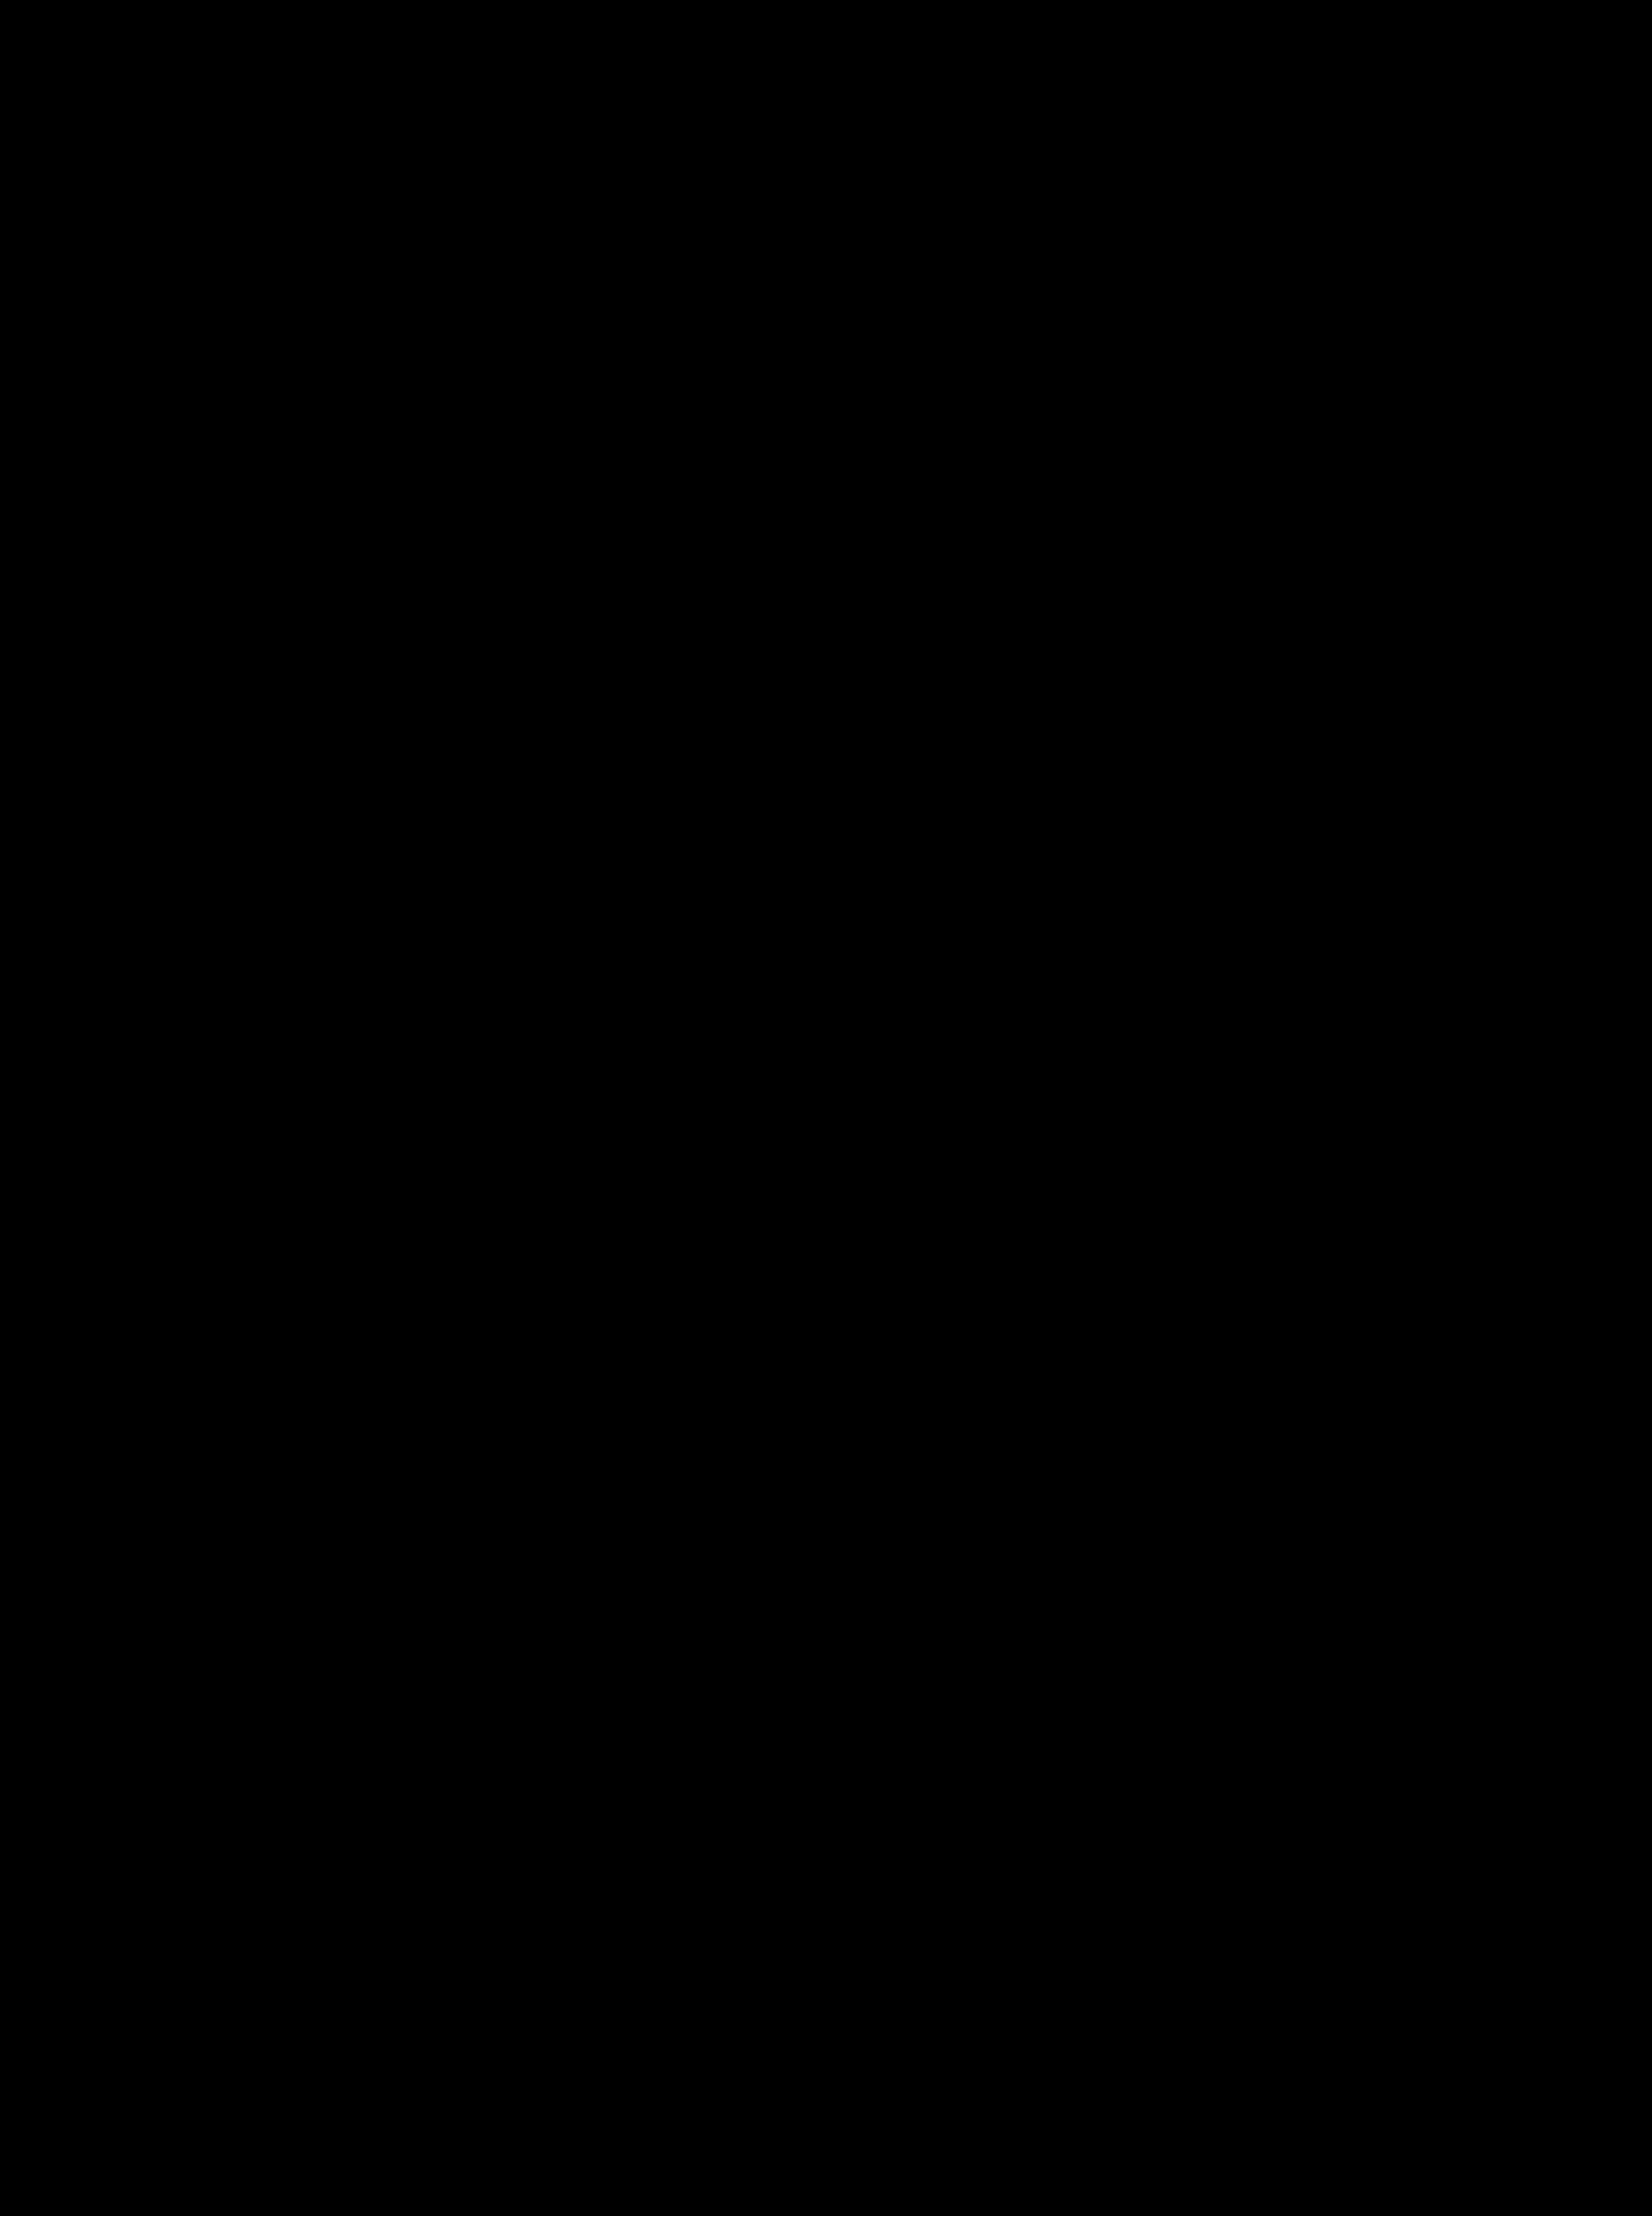 file palais du luxembourg plan au rez de chauss e architecture fran oise tome2 livre3 ch8. Black Bedroom Furniture Sets. Home Design Ideas